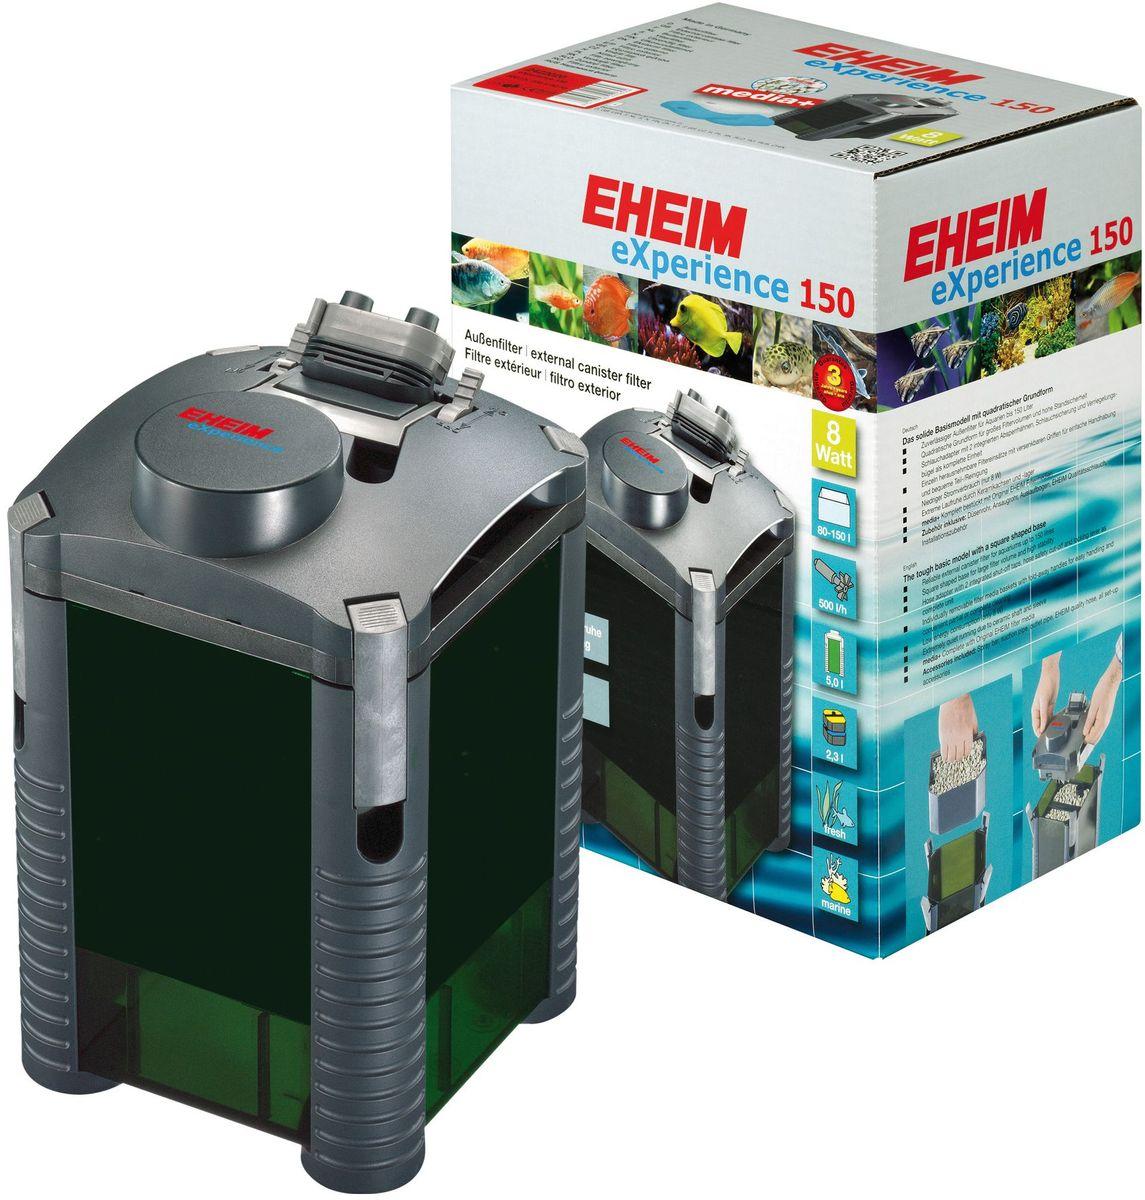 Фильтр внешний Eheim Experience 1502422020Прочная базовая модель квадратной формы для фильтров большого обьема и высокой устойчивости. Съёмный адаптер для шланга со встроенными запорными кранами,защитным покрытием шланга и прижимной скобой в виде единого блока. Отдельно съёмные корзины для наполнителей с выдвижными ручками для удобства при перемещении и удобной частичной/полной очистки.